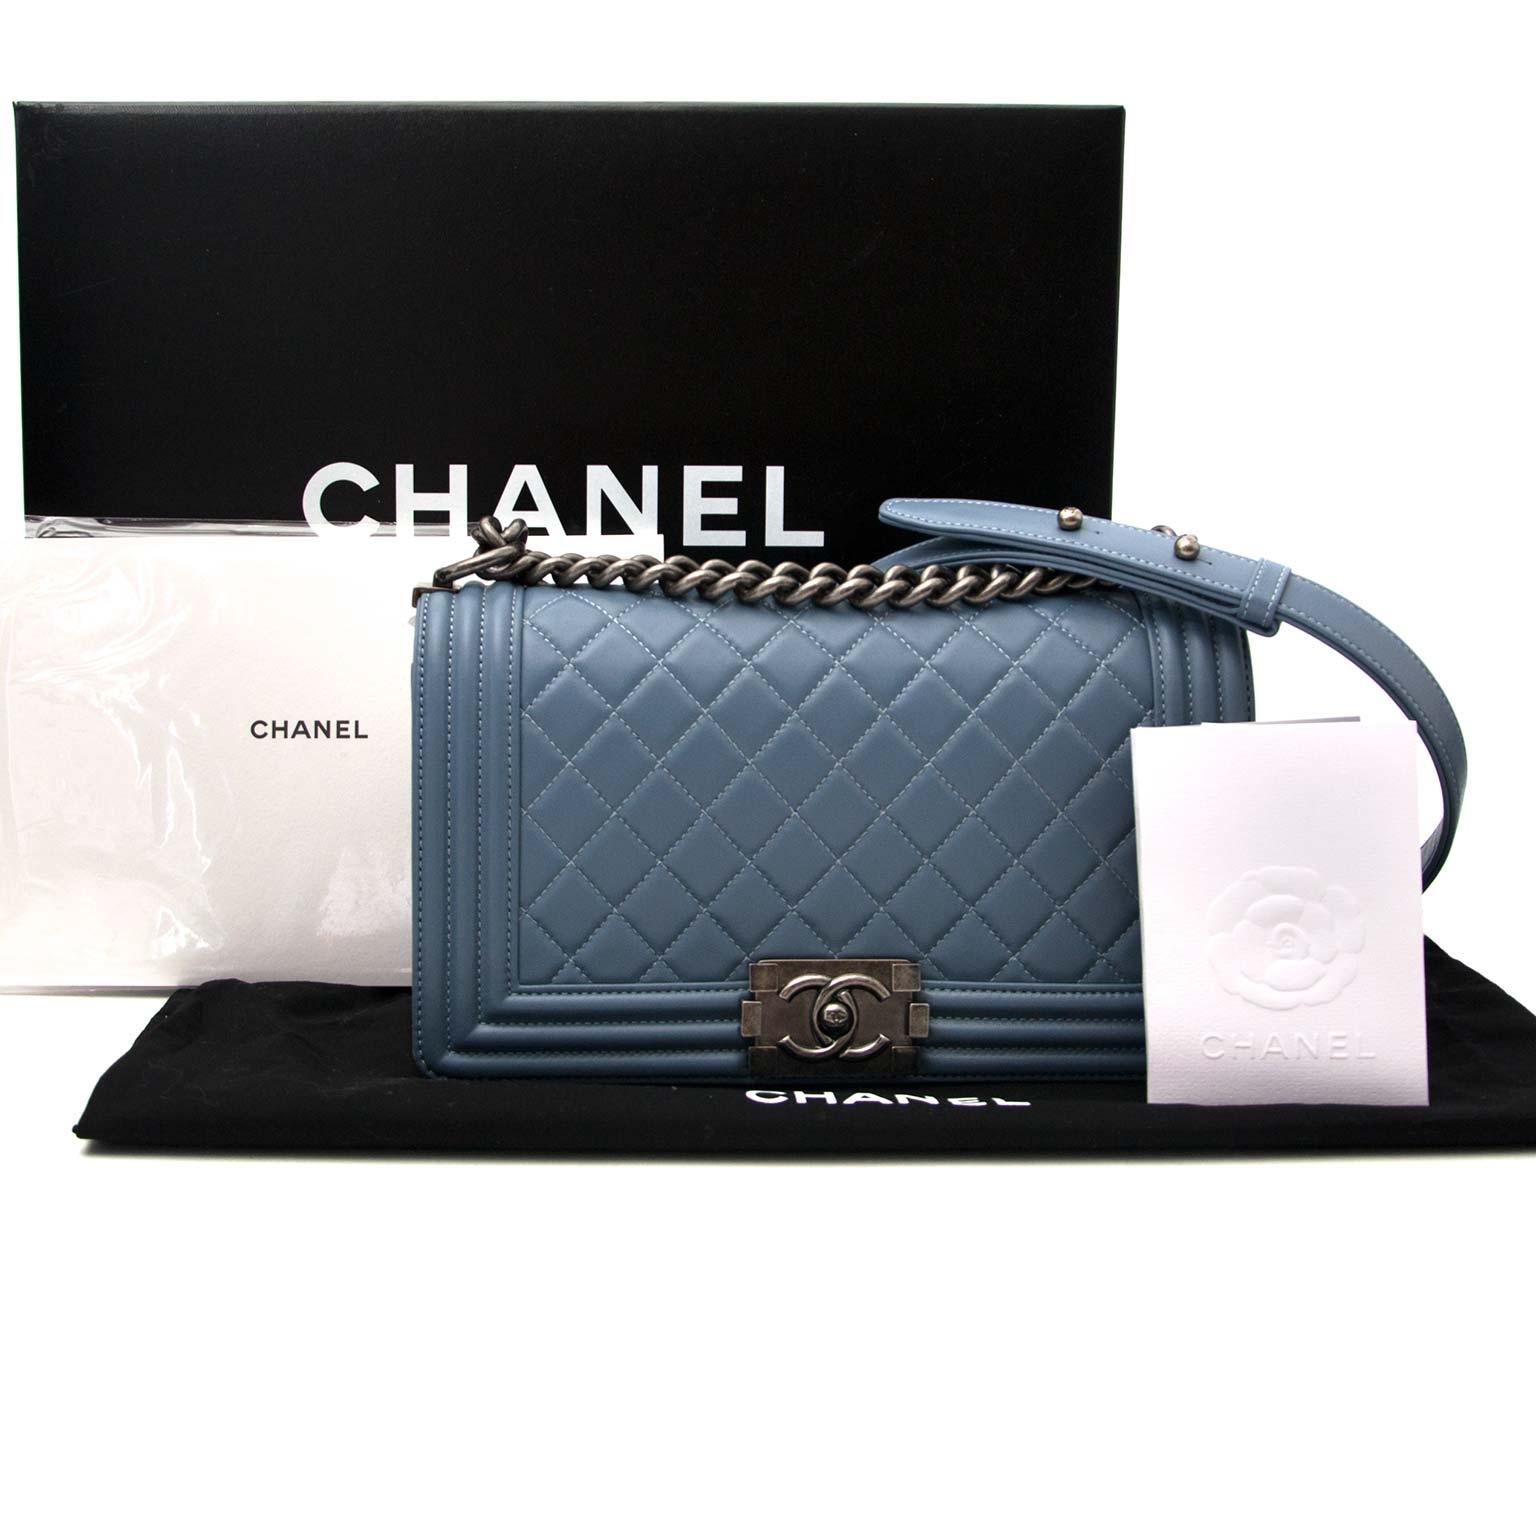 a0c5f6541eddea Labellov Shop safe online: authentic vintage Chanel clothes, bags ...